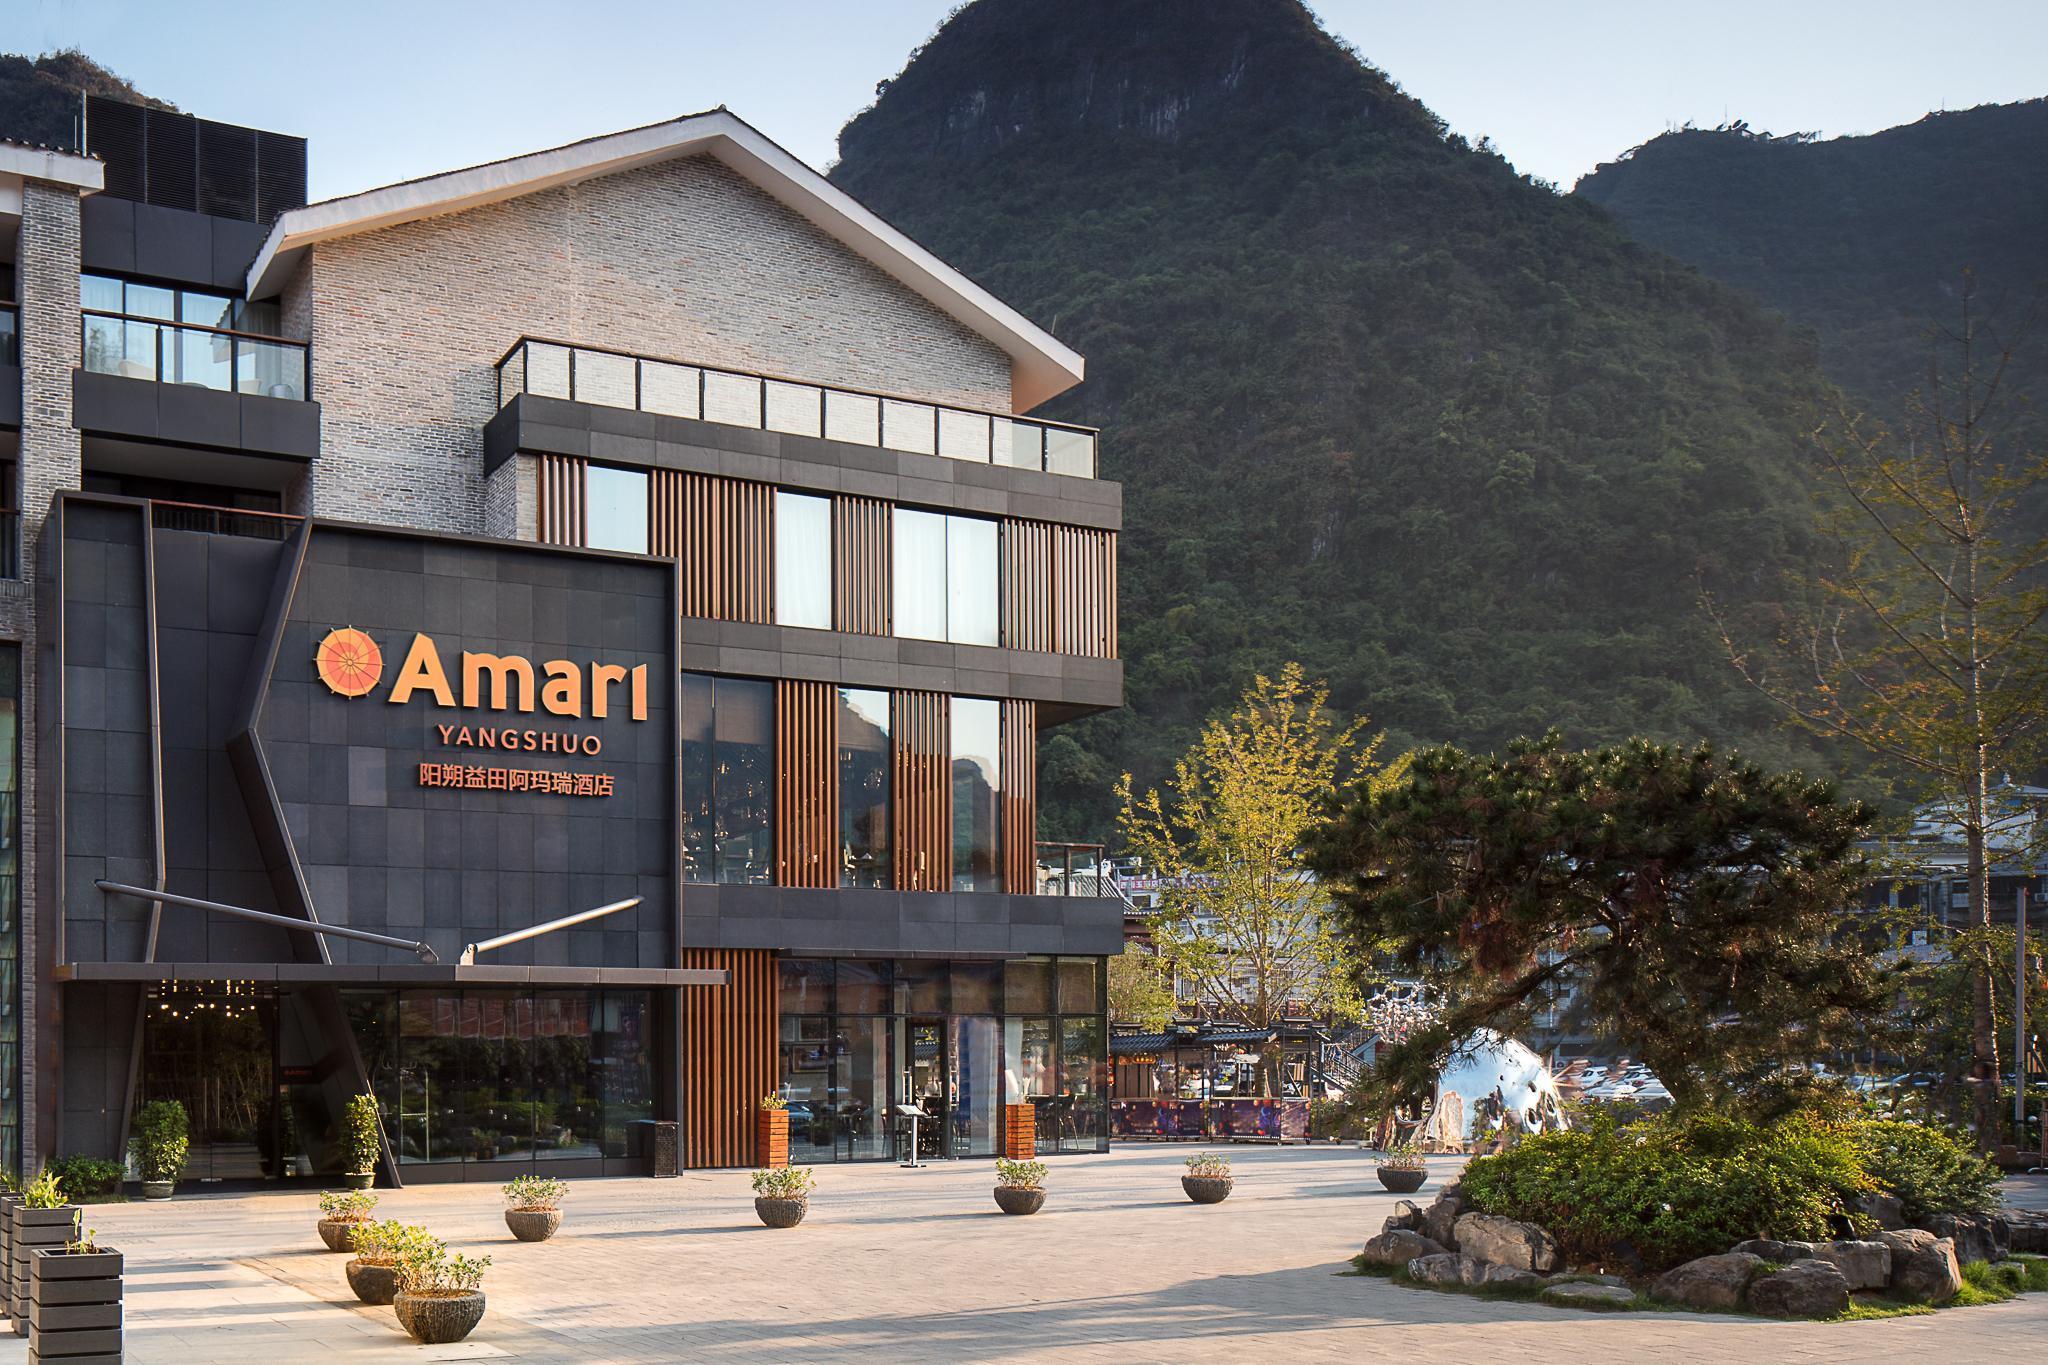 Amari Yangshuo